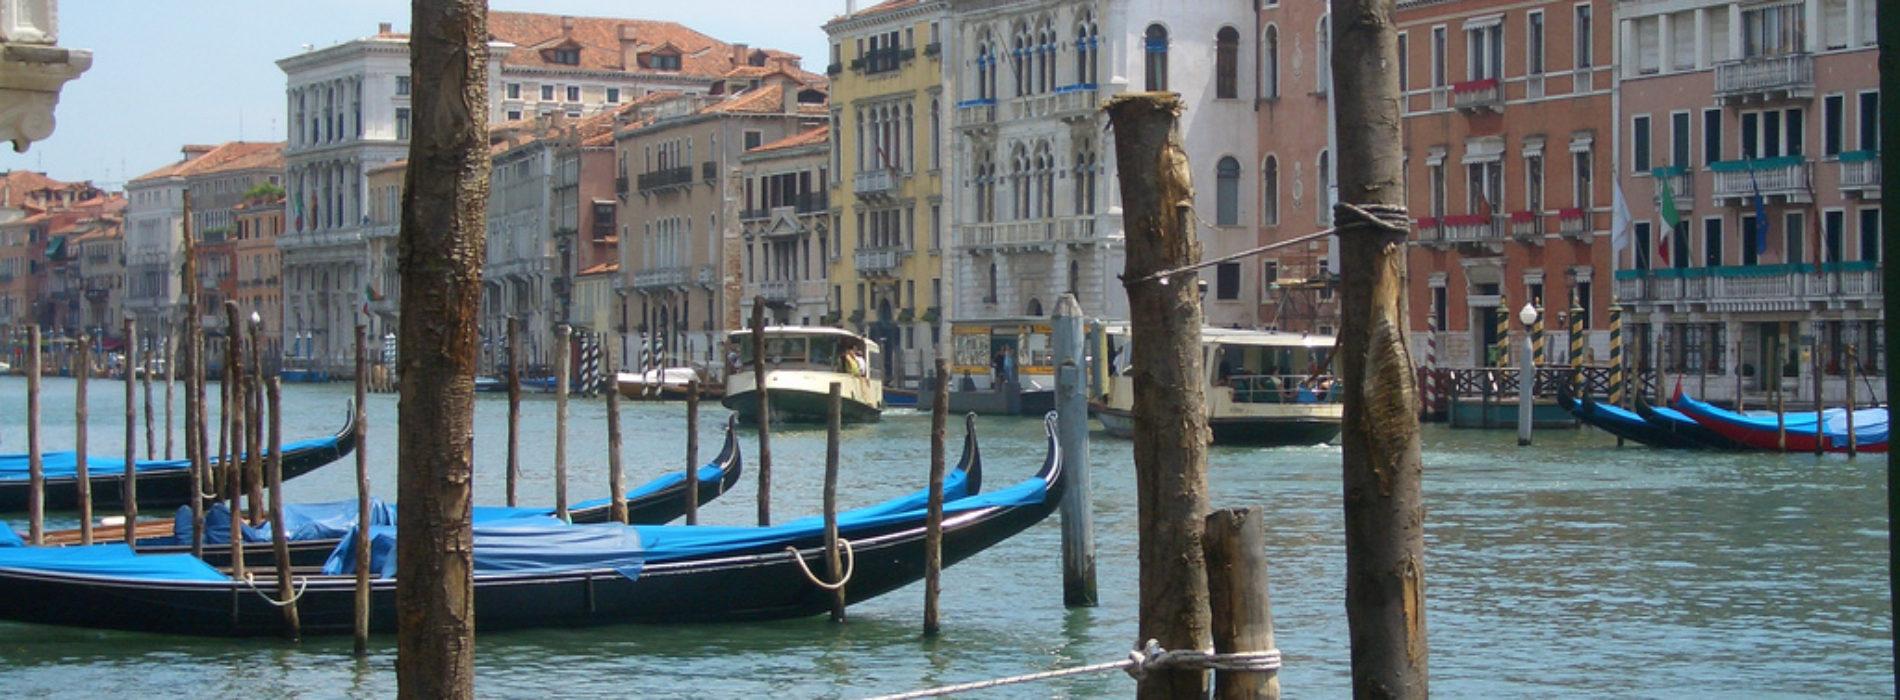 Benátky – Venezsia